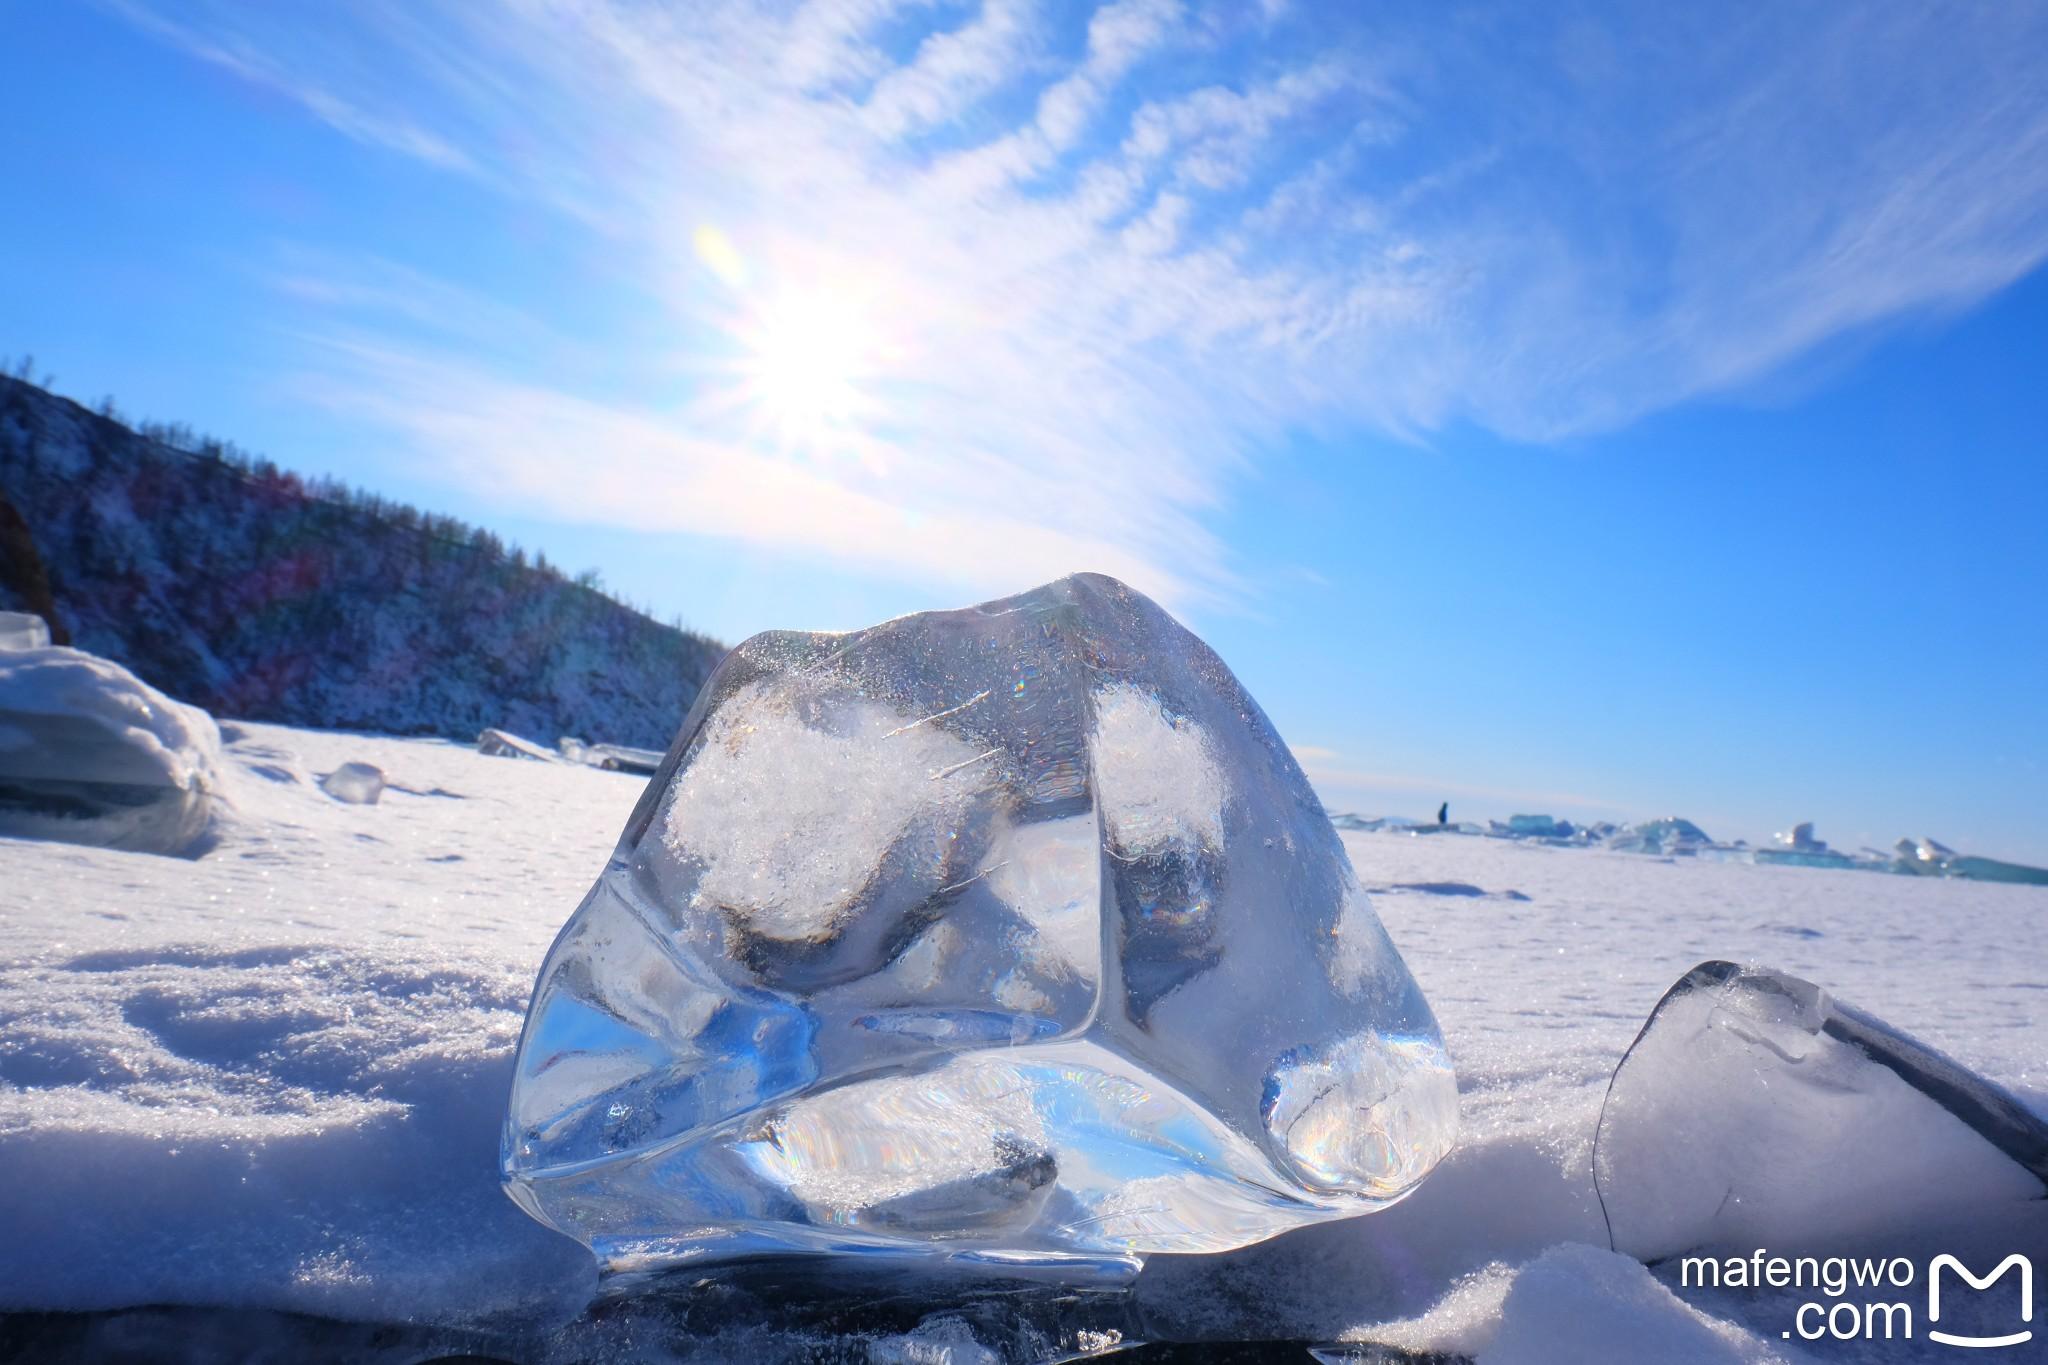 隆冬 在北纬52度的冰封贝加尔湖 Refresh Myself~~~